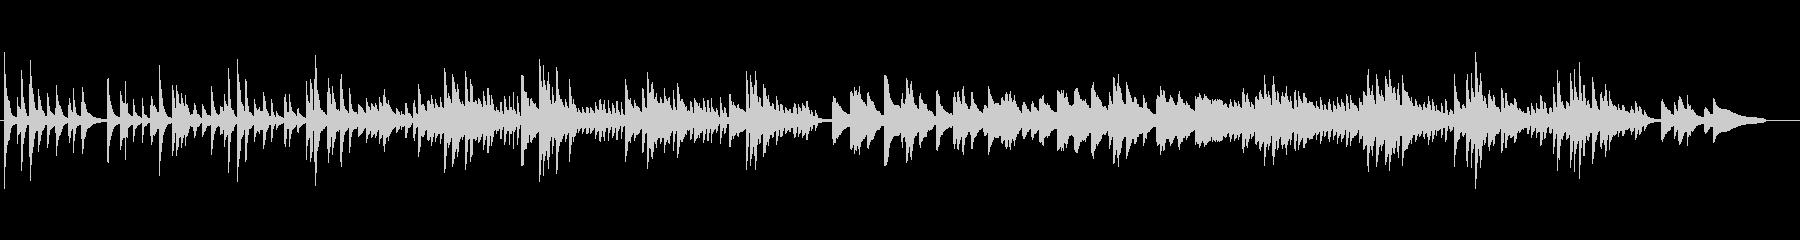 ピアノ 感動 切ない エンディング の未再生の波形